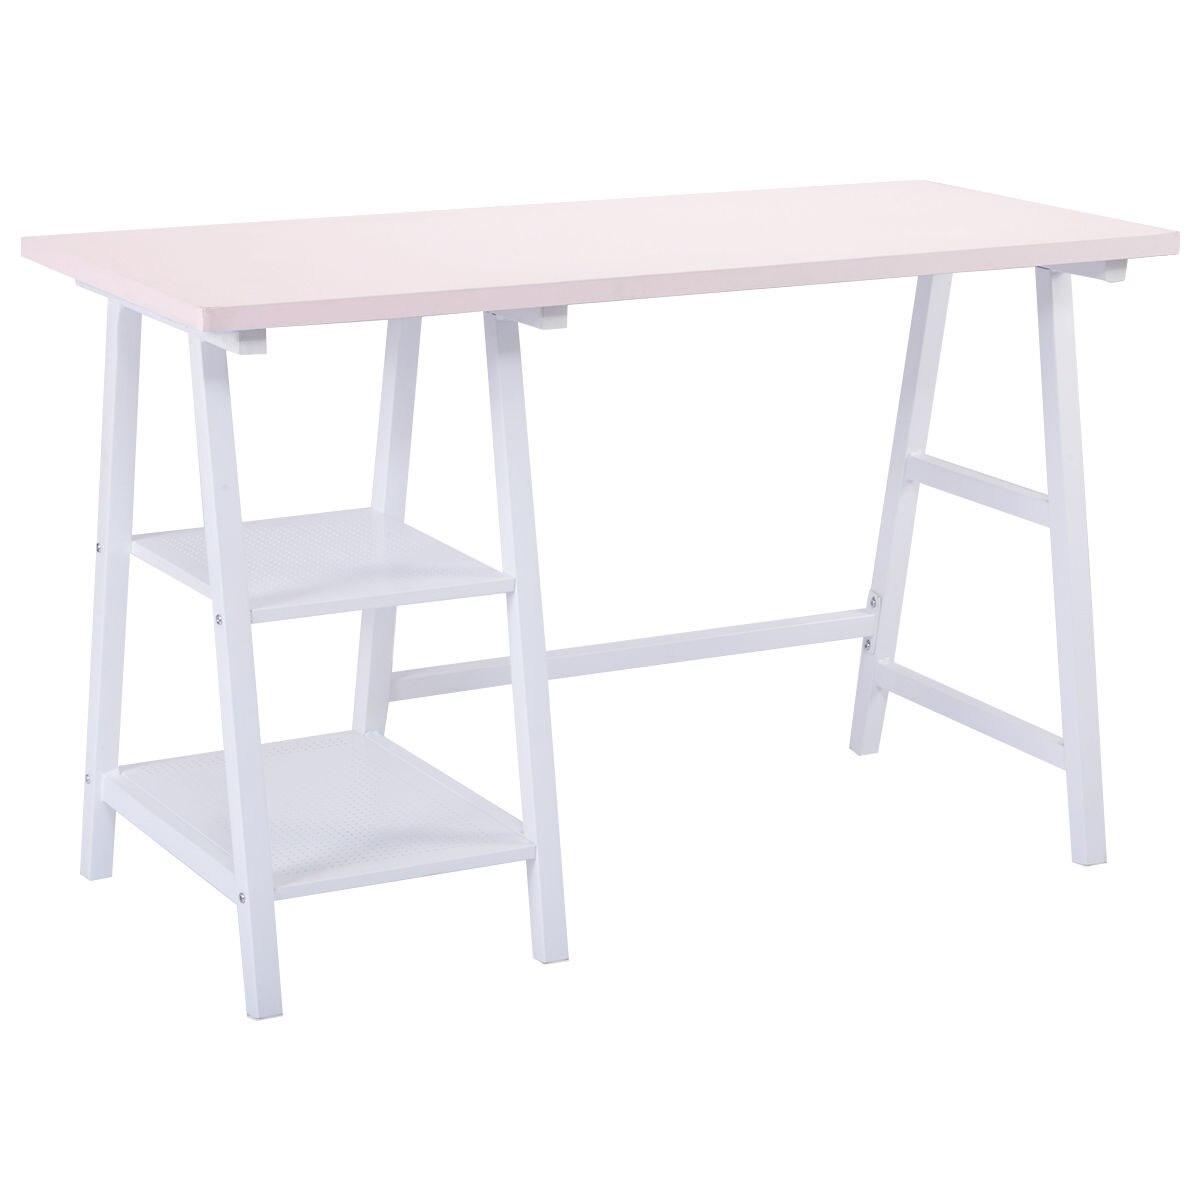 Giantex Office Living Room Furniture Modern Trestle Desk Laptop ...